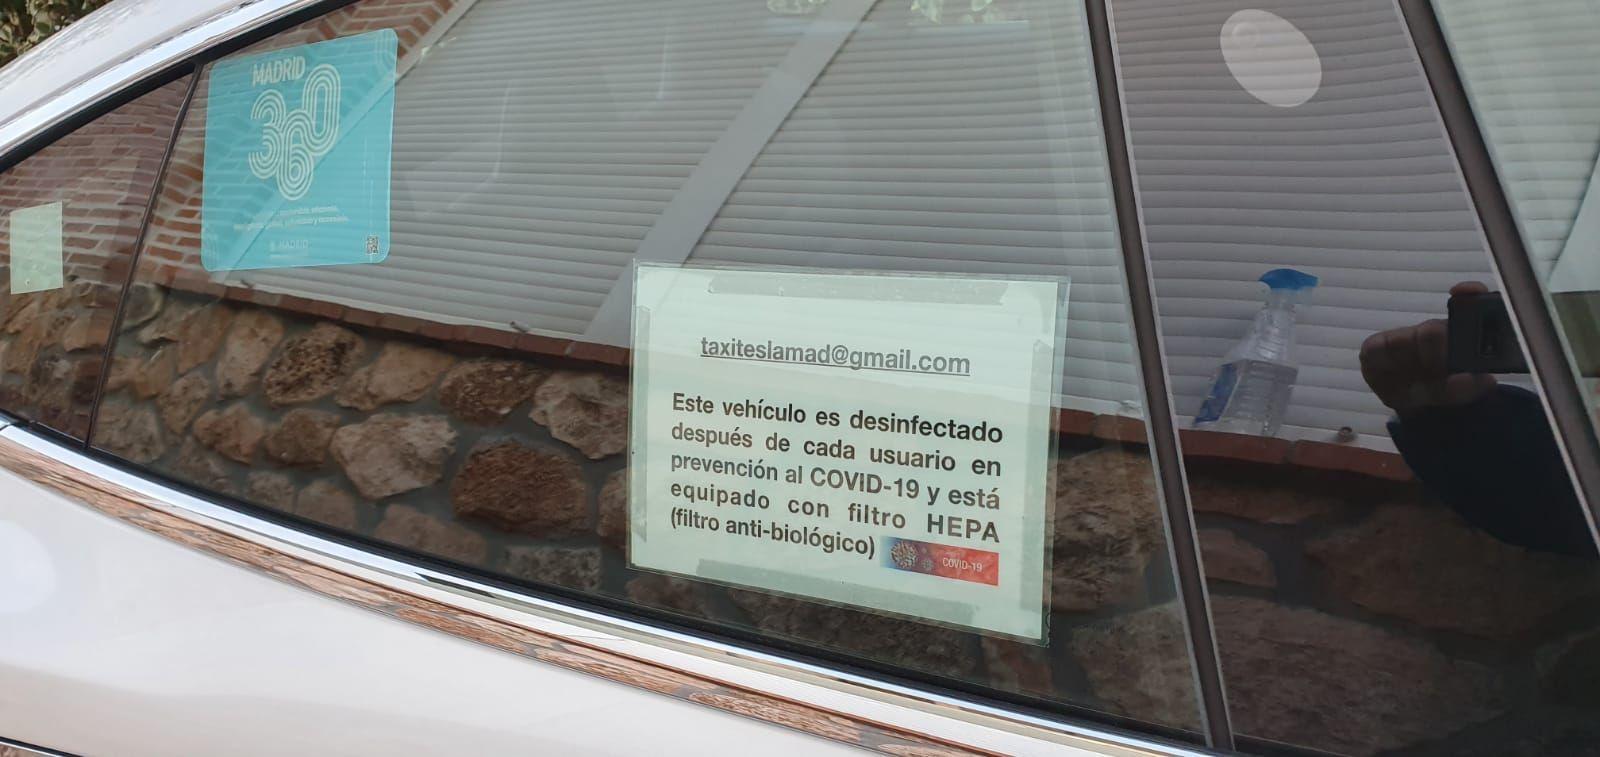 En Taxi Tesla Los Peñascales tomamos medidas contra el CORONAVIRUS desinfectando el vehículo después de cada usuario